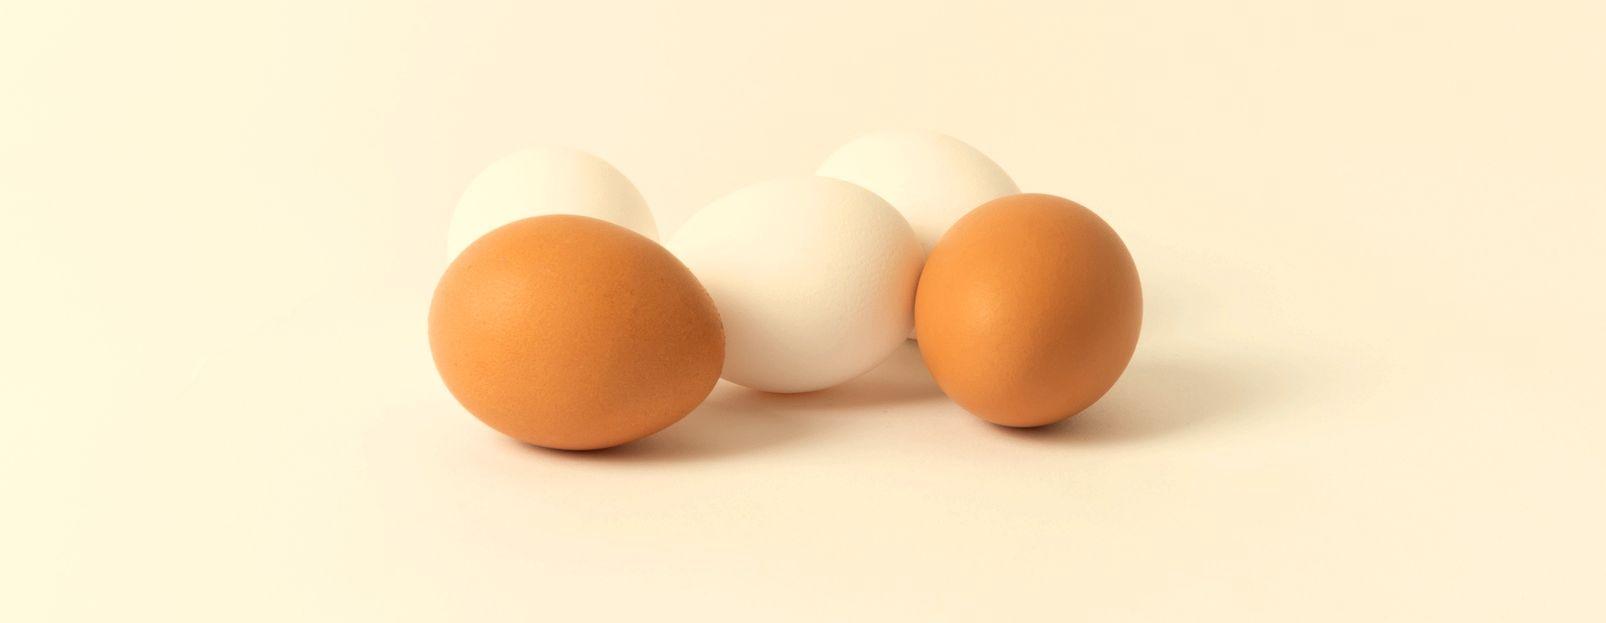 ¿Cuáles son los alimentos constructores y qué función cumplen? - Featured image